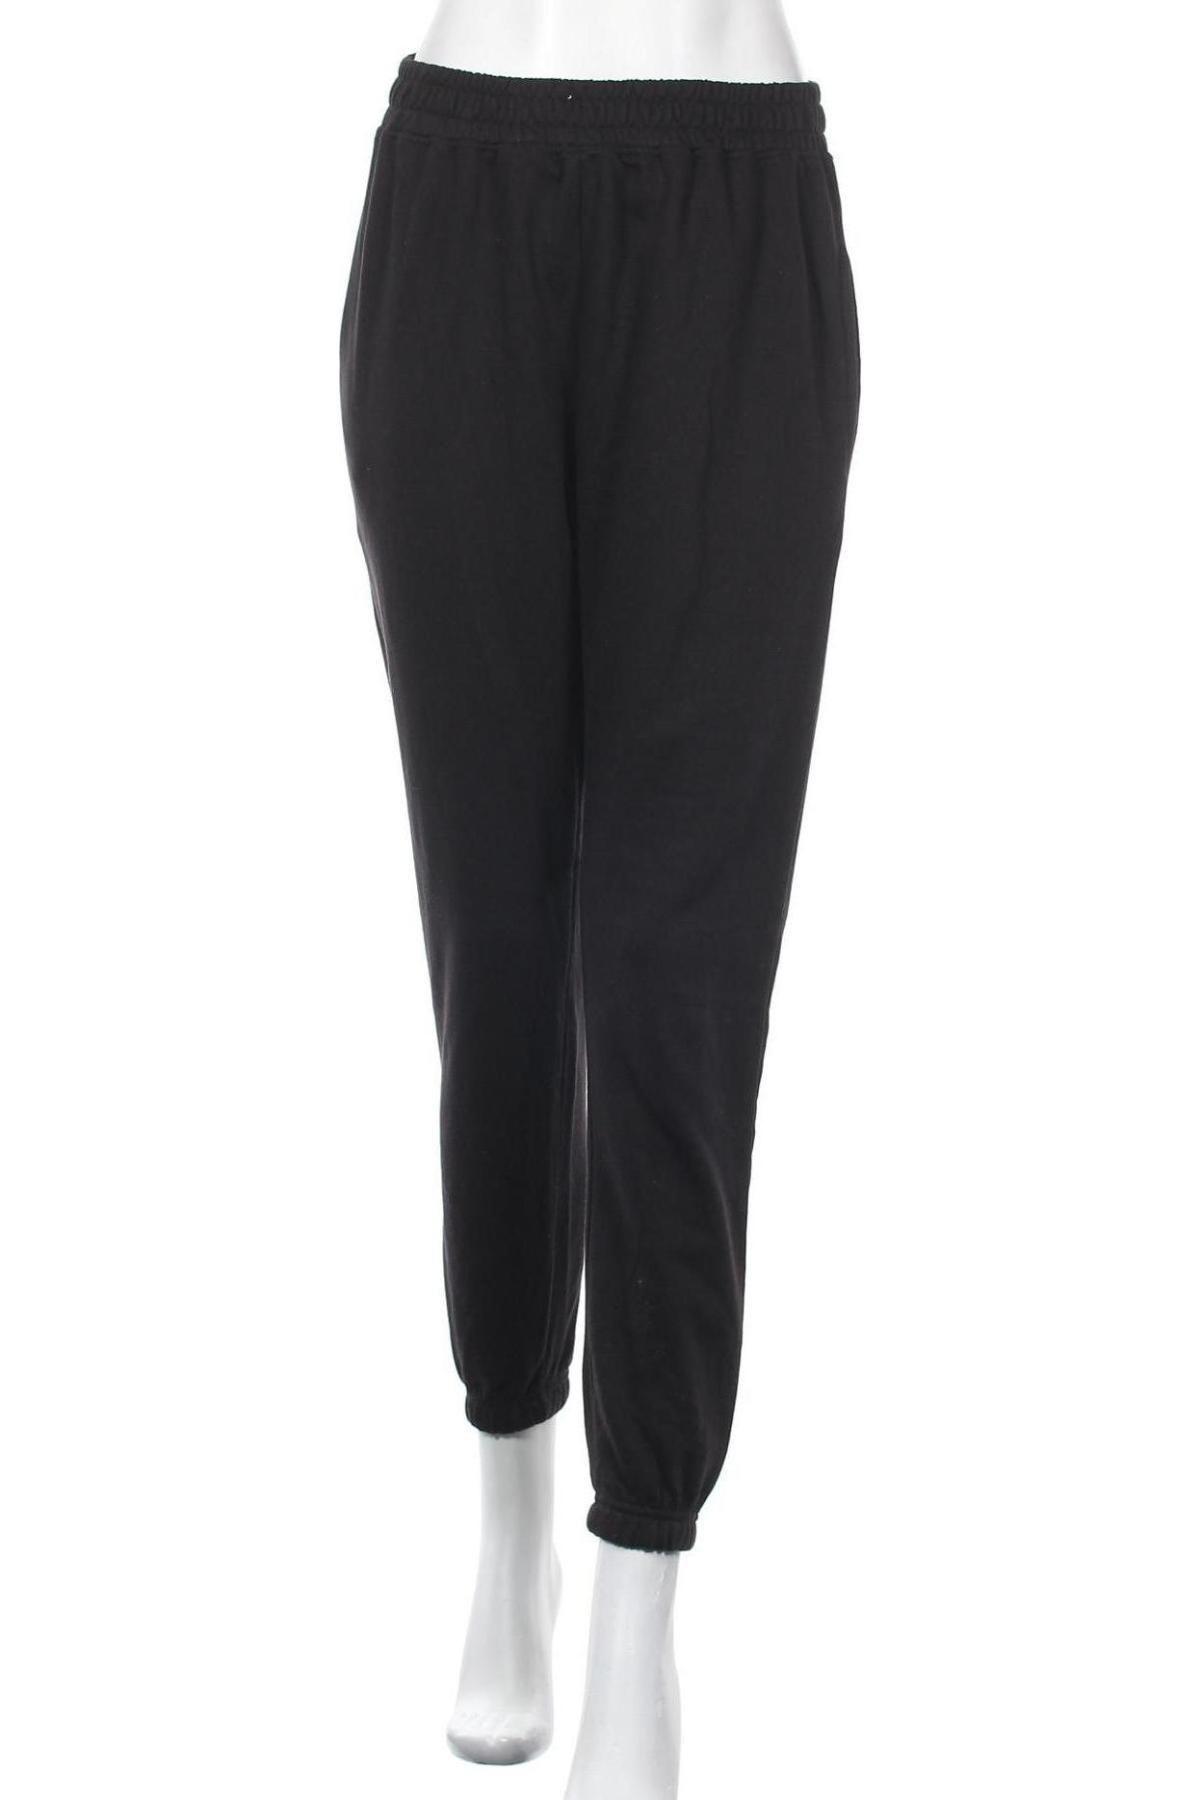 Дамско спортно долнище Missguided, Размер M, Цвят Черен, 60% памук, 40% полиестер, Цена 30,66лв.